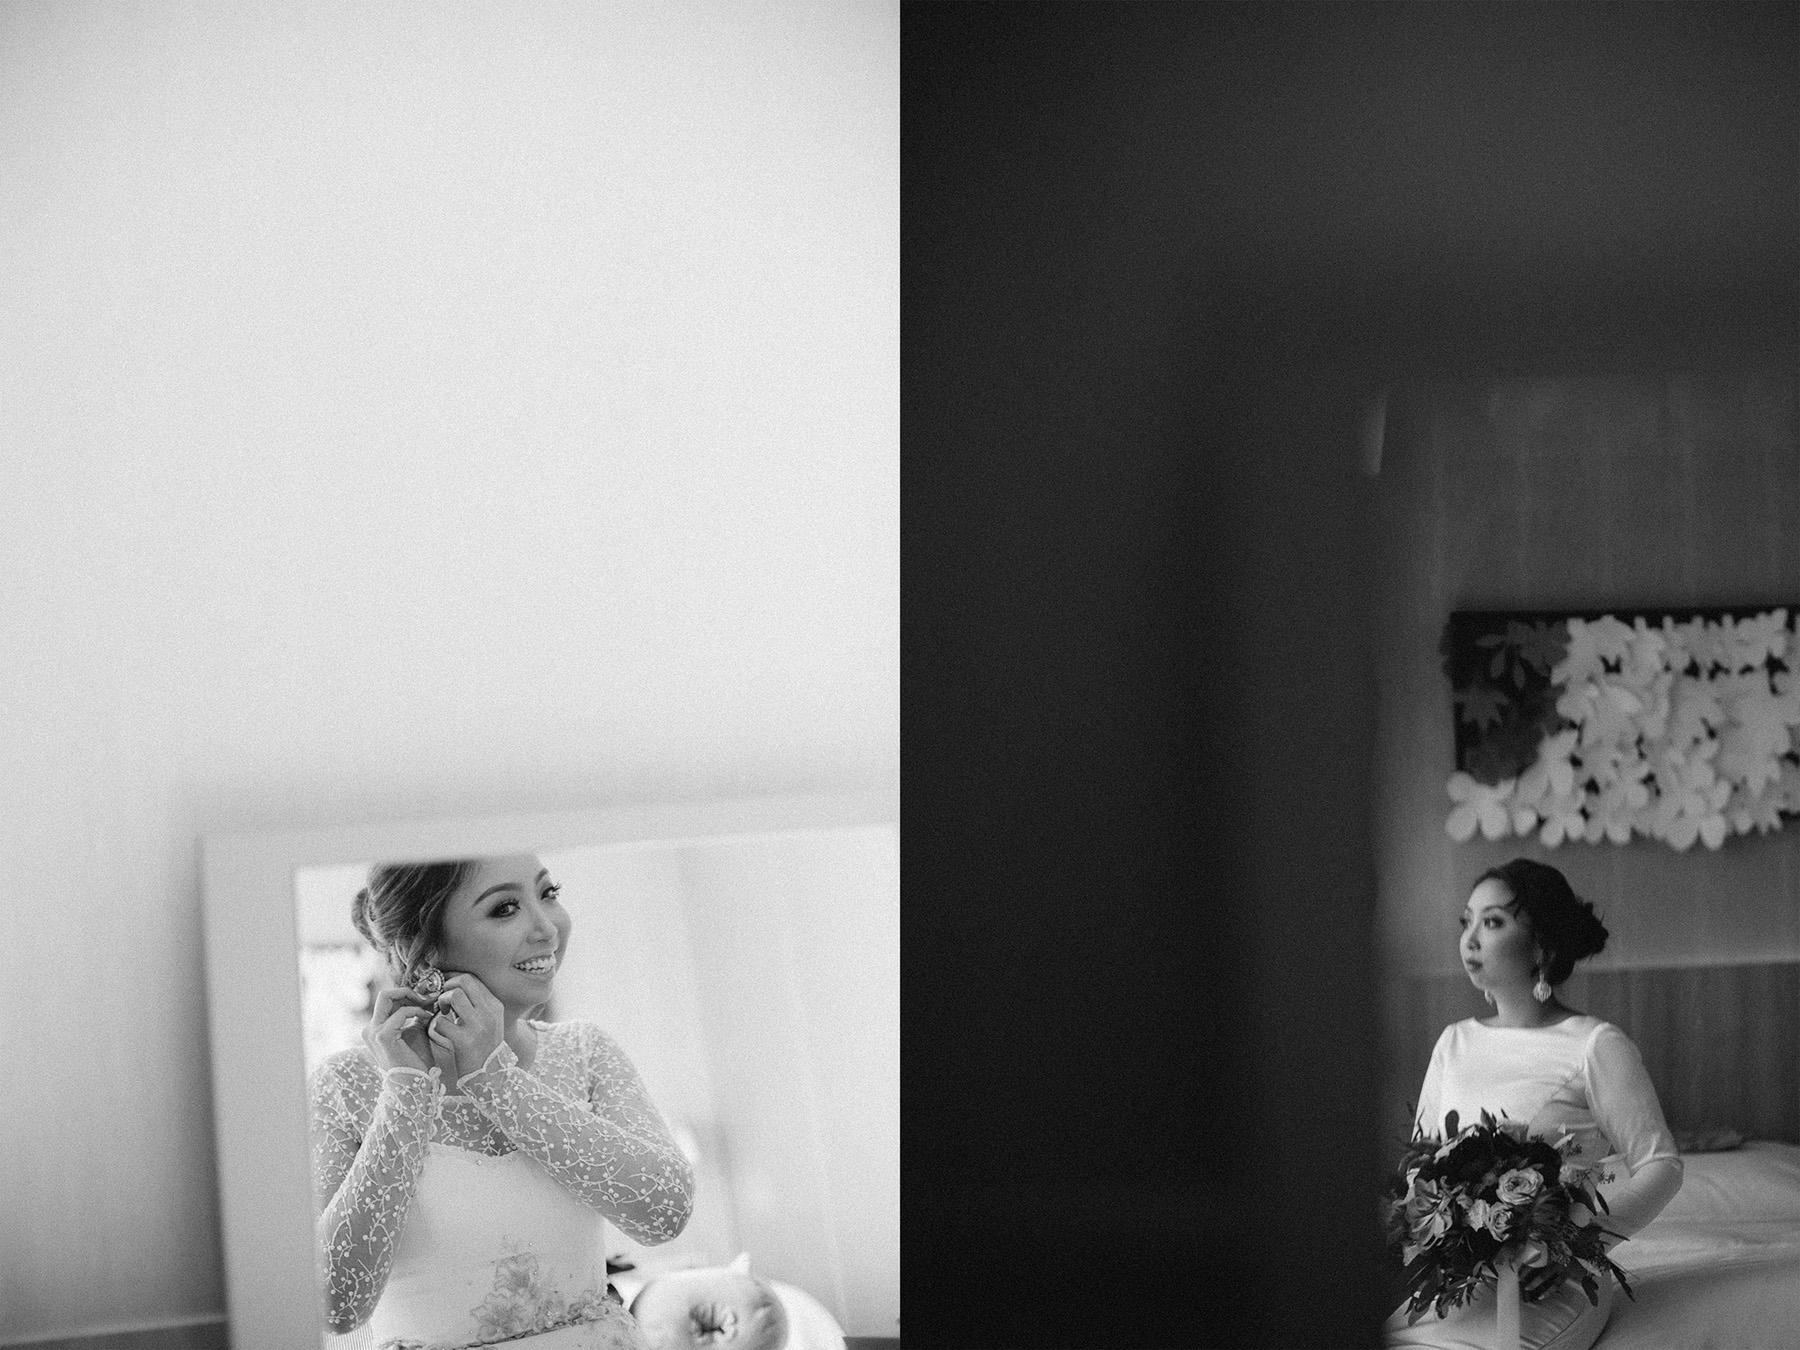 singapore-wedding-photographer-wemadethese-bw-024.jpg